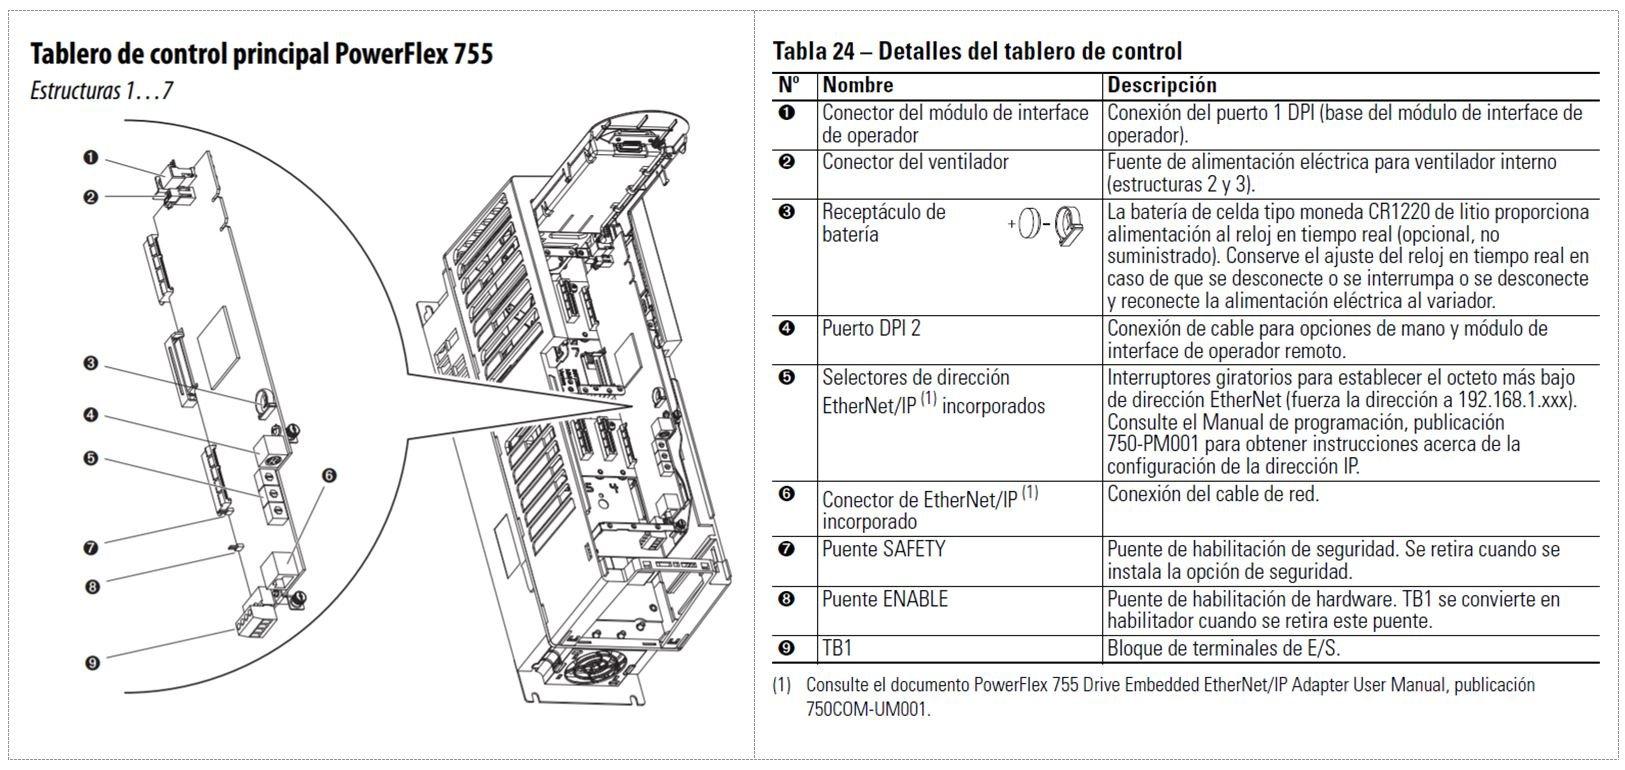 Tarjeta principal de control PF755